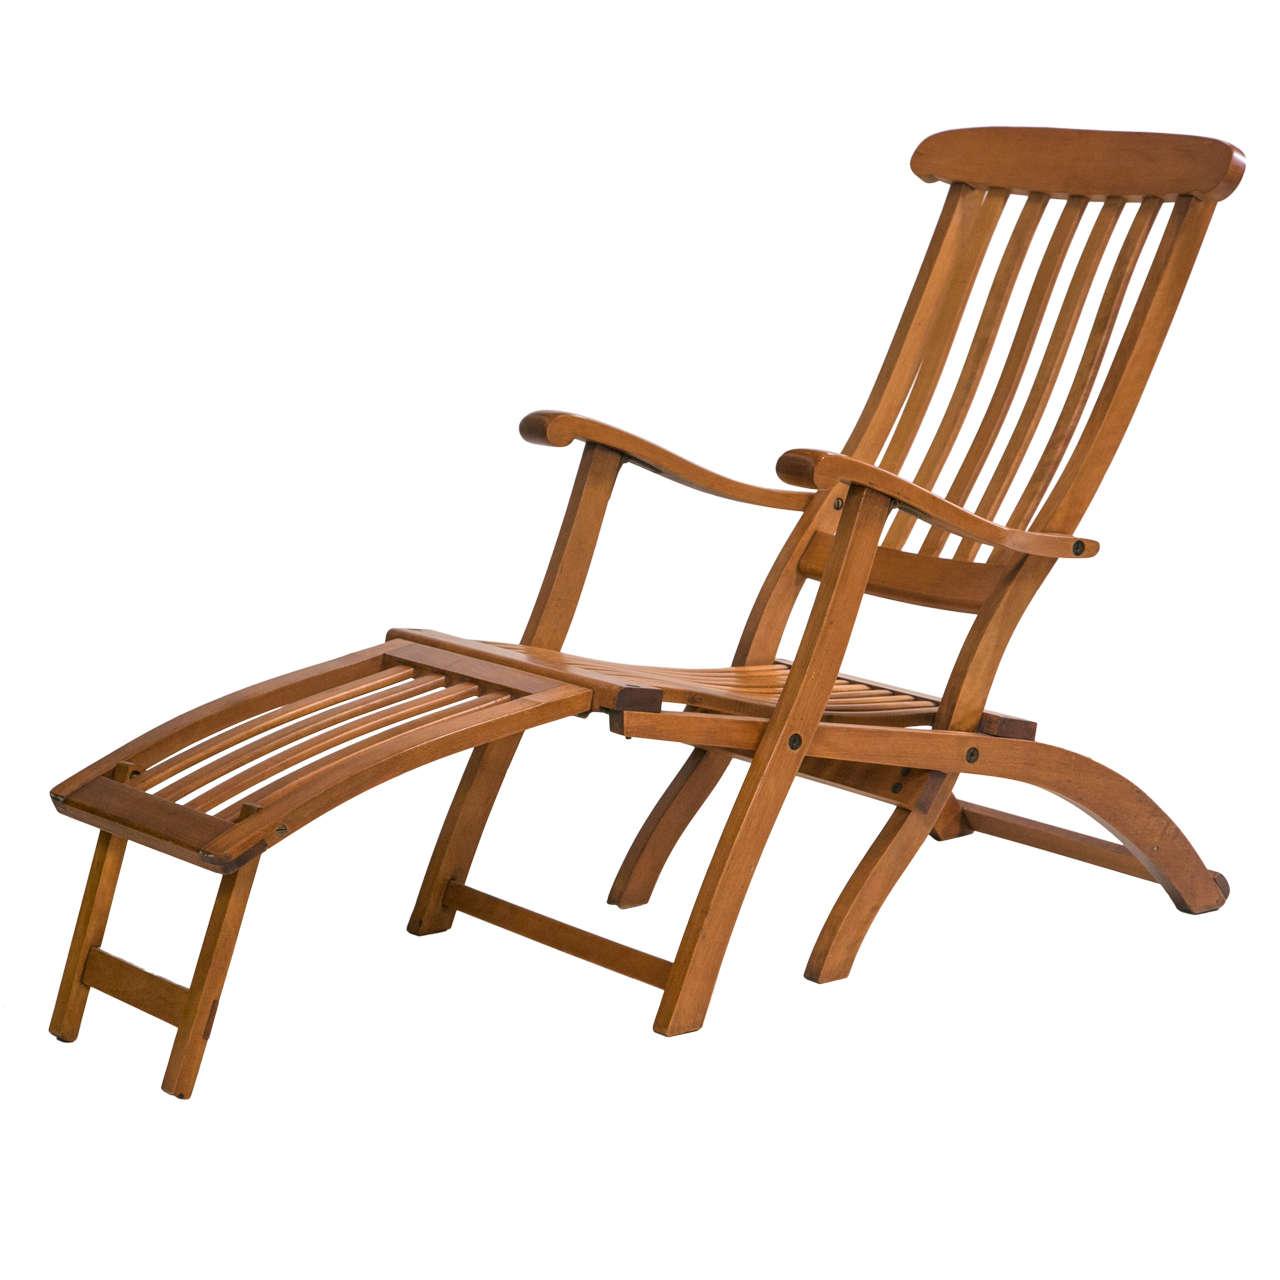 fruit wood deck chair at 1stdibs. Black Bedroom Furniture Sets. Home Design Ideas